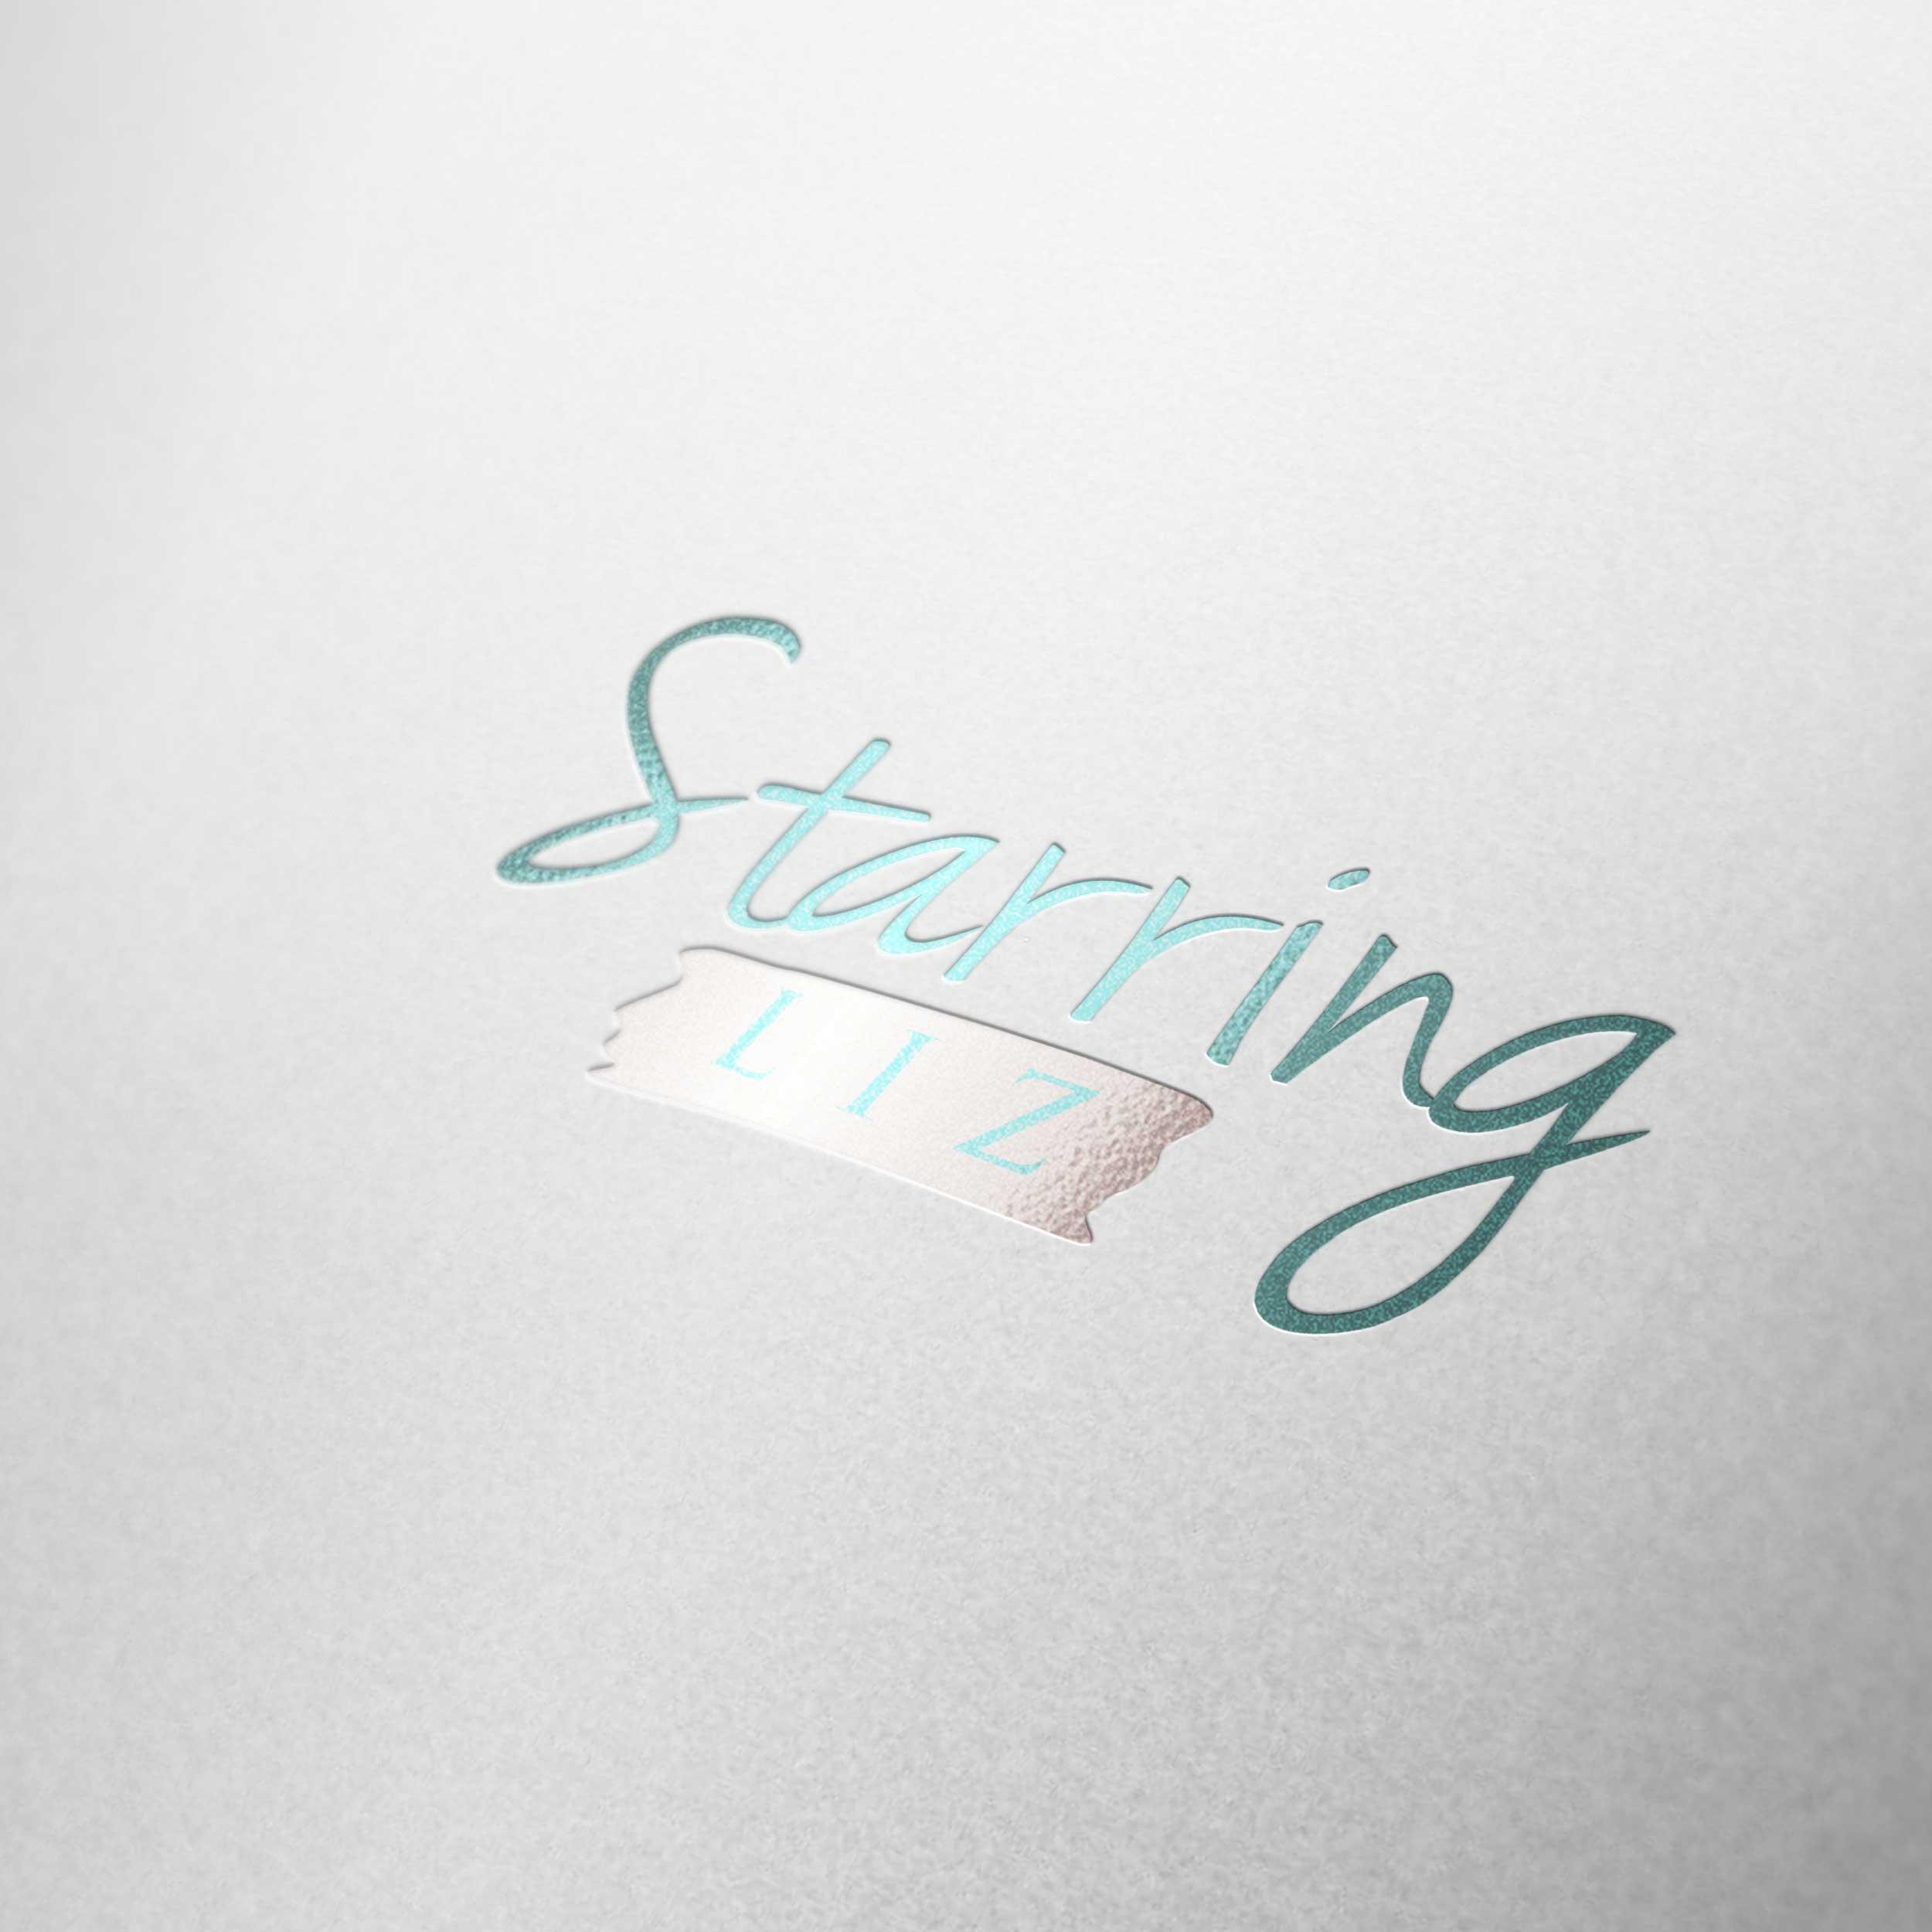 STARRING-LIZ-min